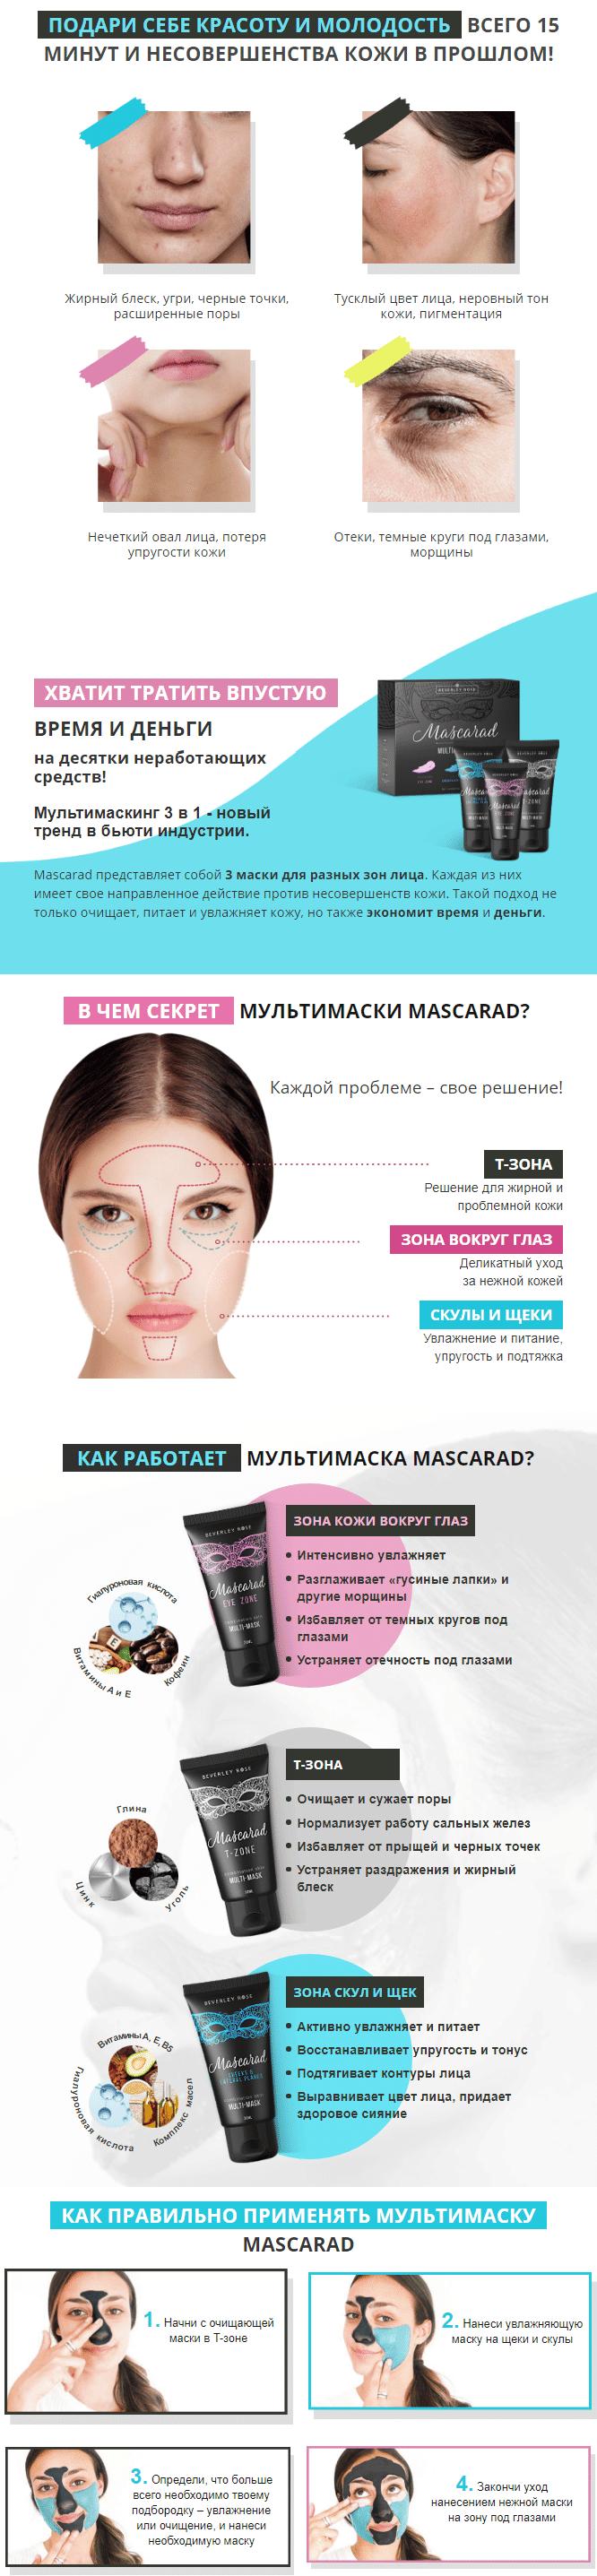 Mascarad (Маскарад) мультимаска от проблем с кожей купить